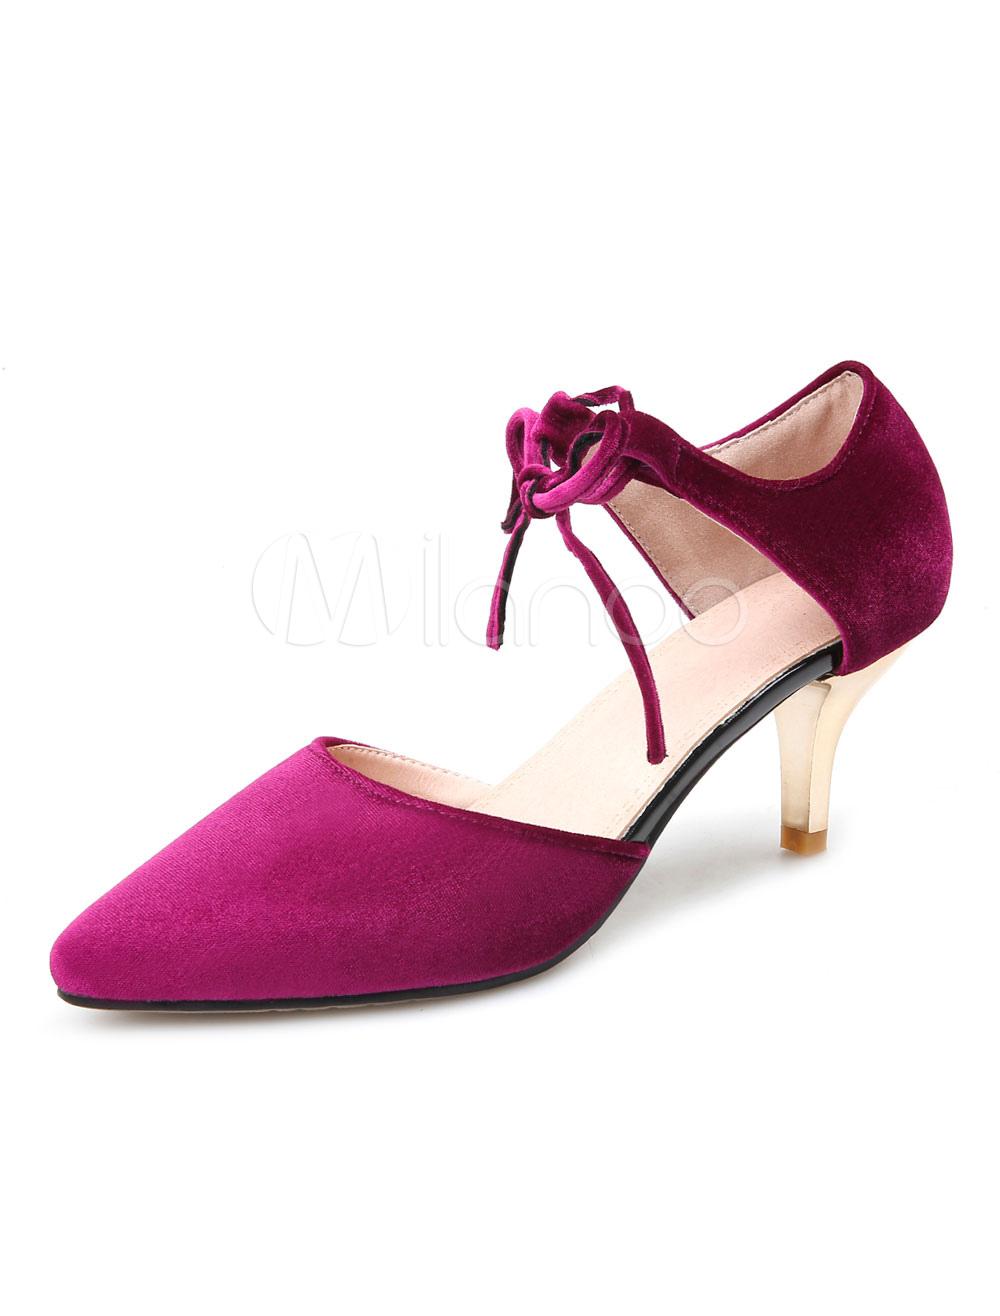 Zapatos de tacón medio Cuero con apariencia suave Color liso estilo moderno G3sAGnp